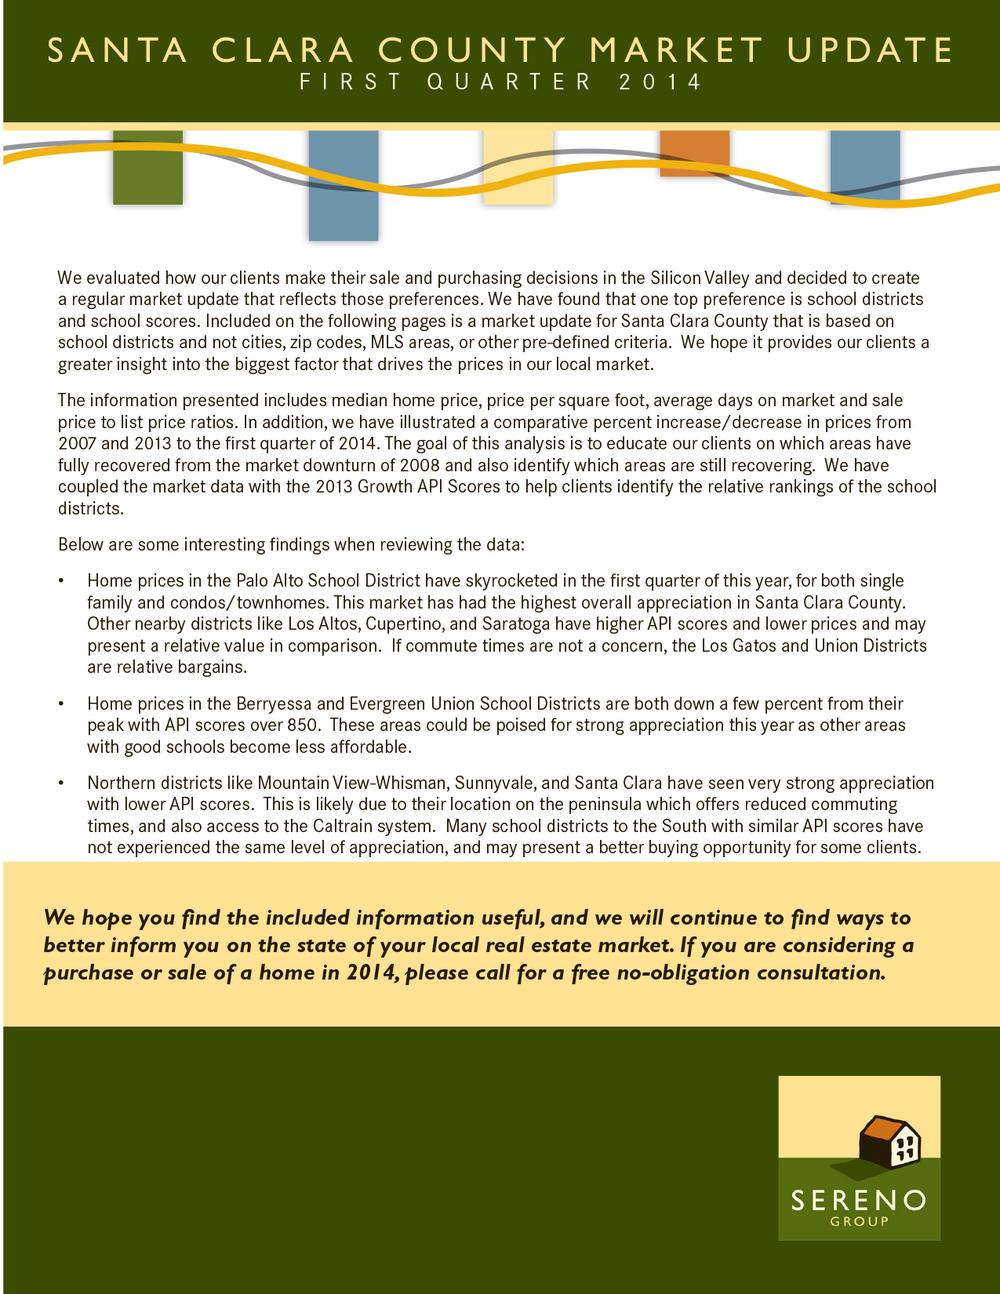 Market Report SCC 2014 Q1 1-Intro.jpg